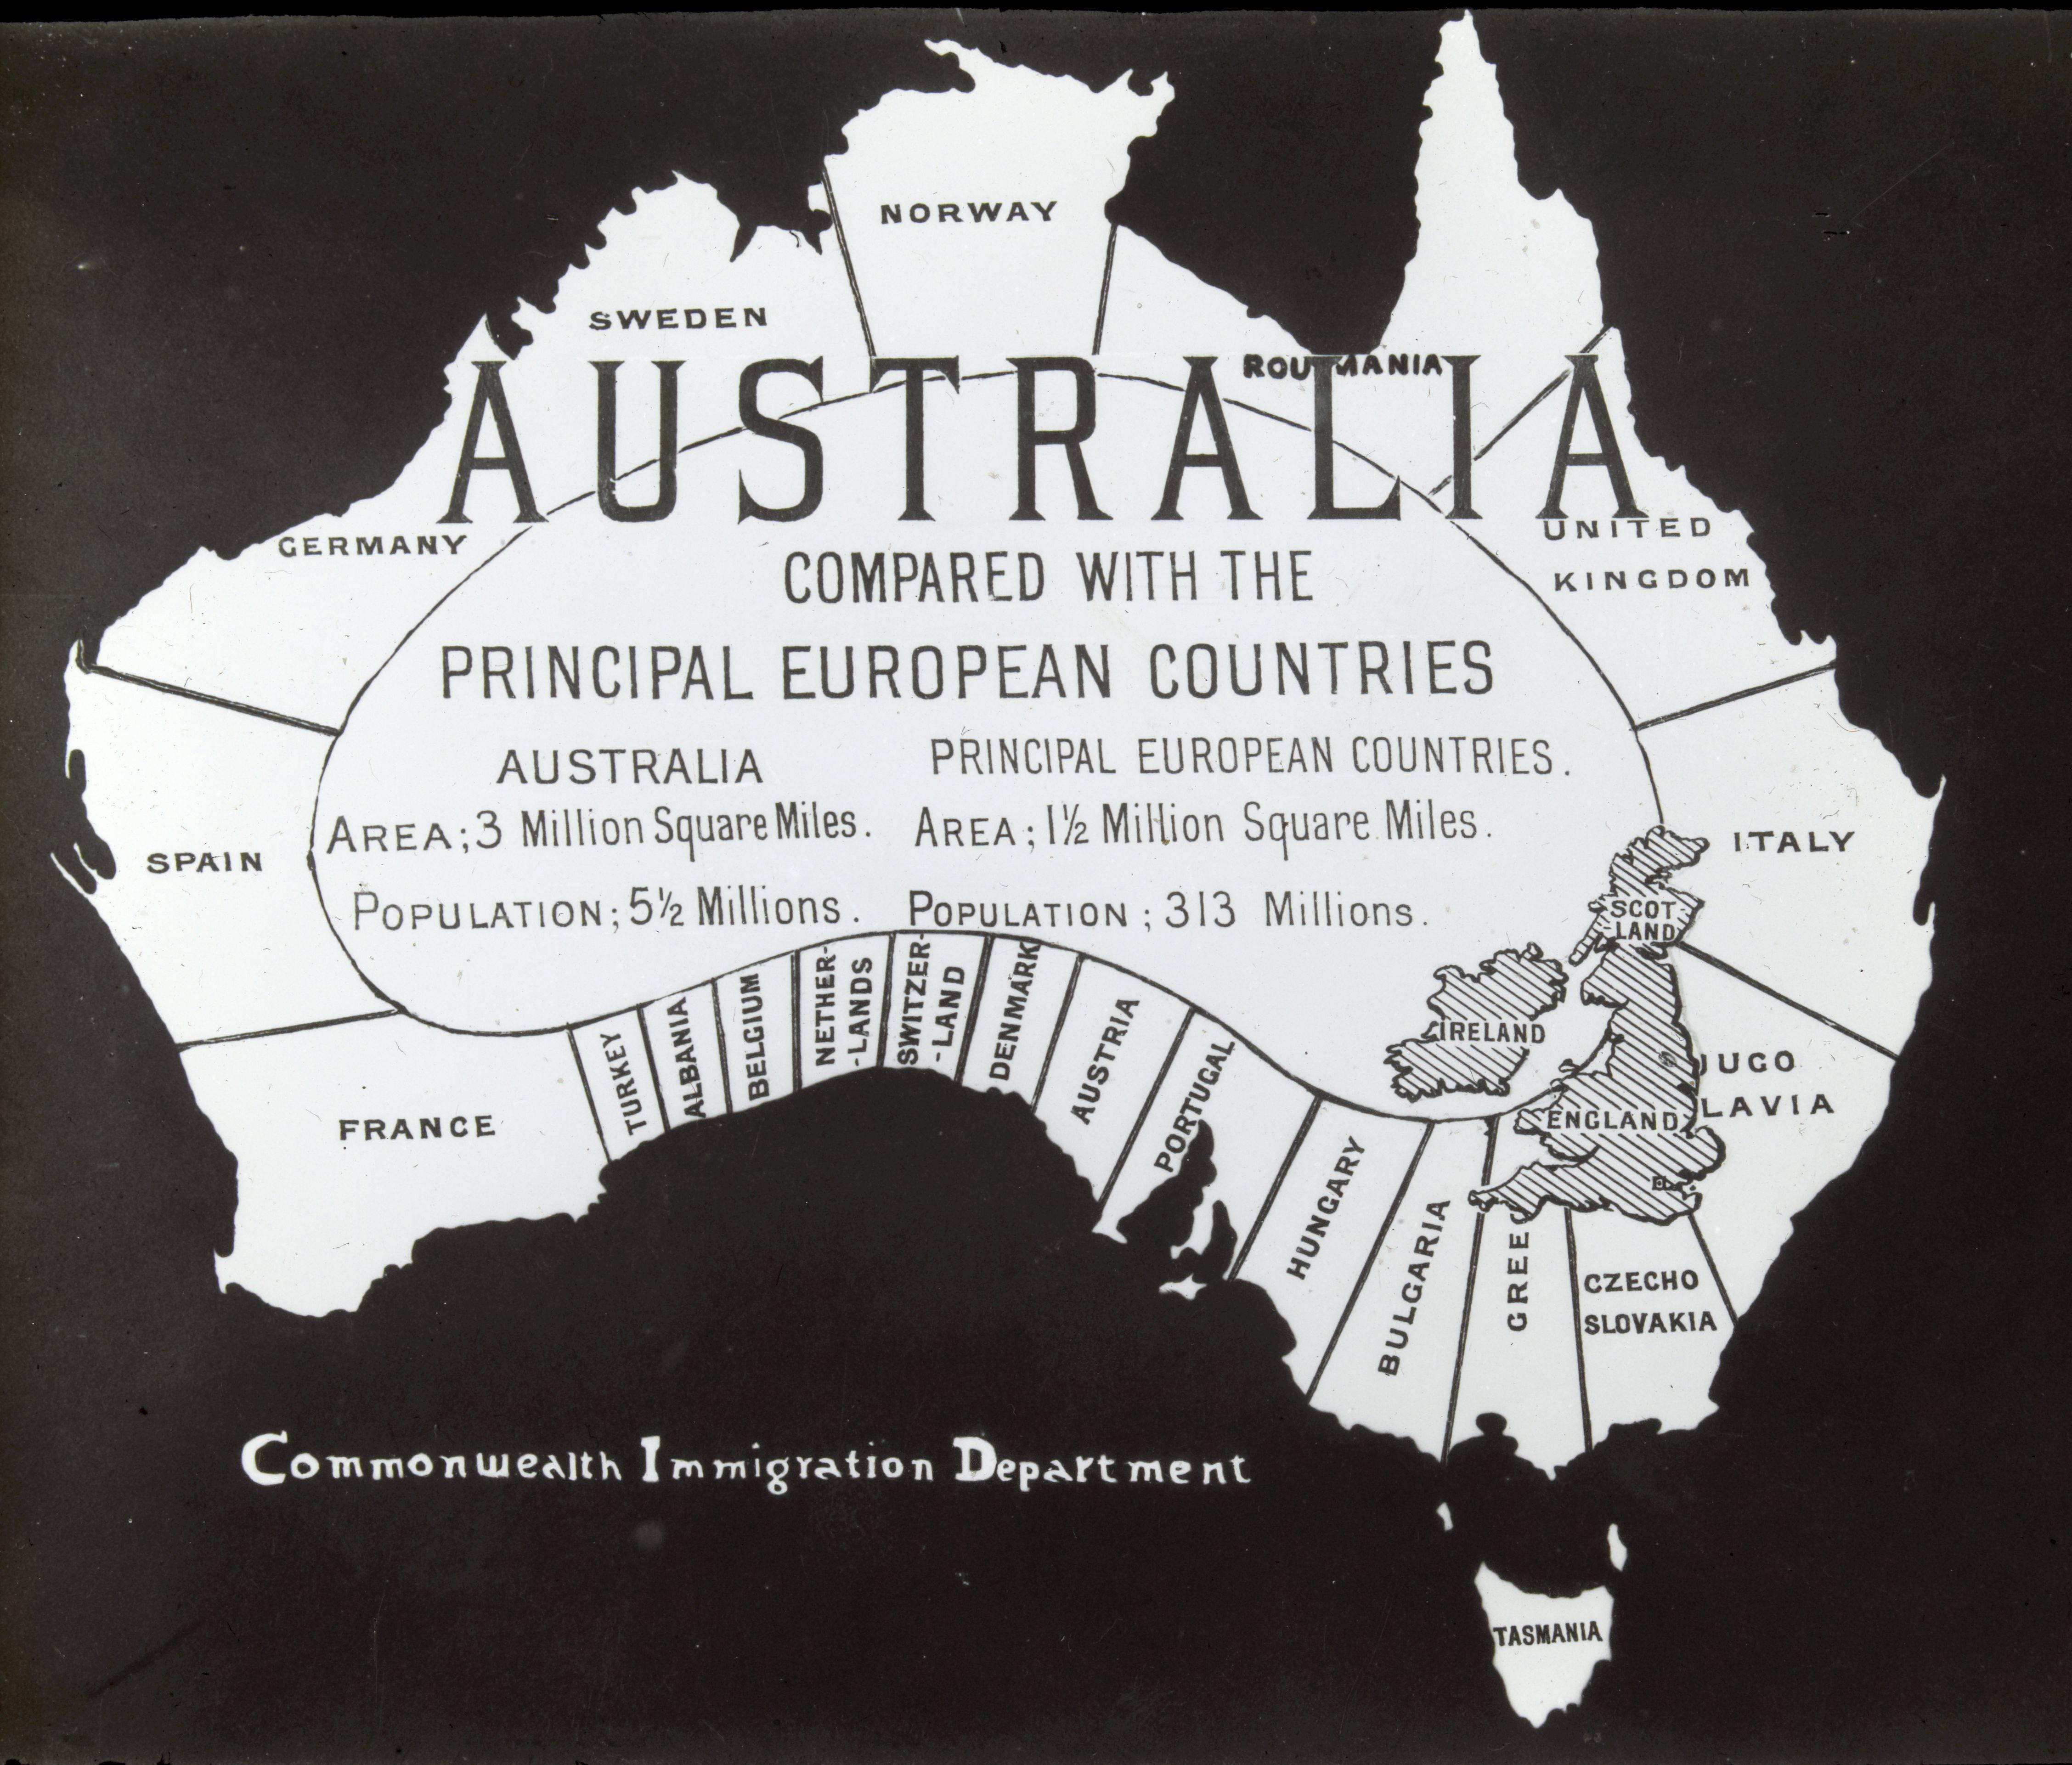 Эмиграция в австралию в 2021 году, способы уехать на пмж